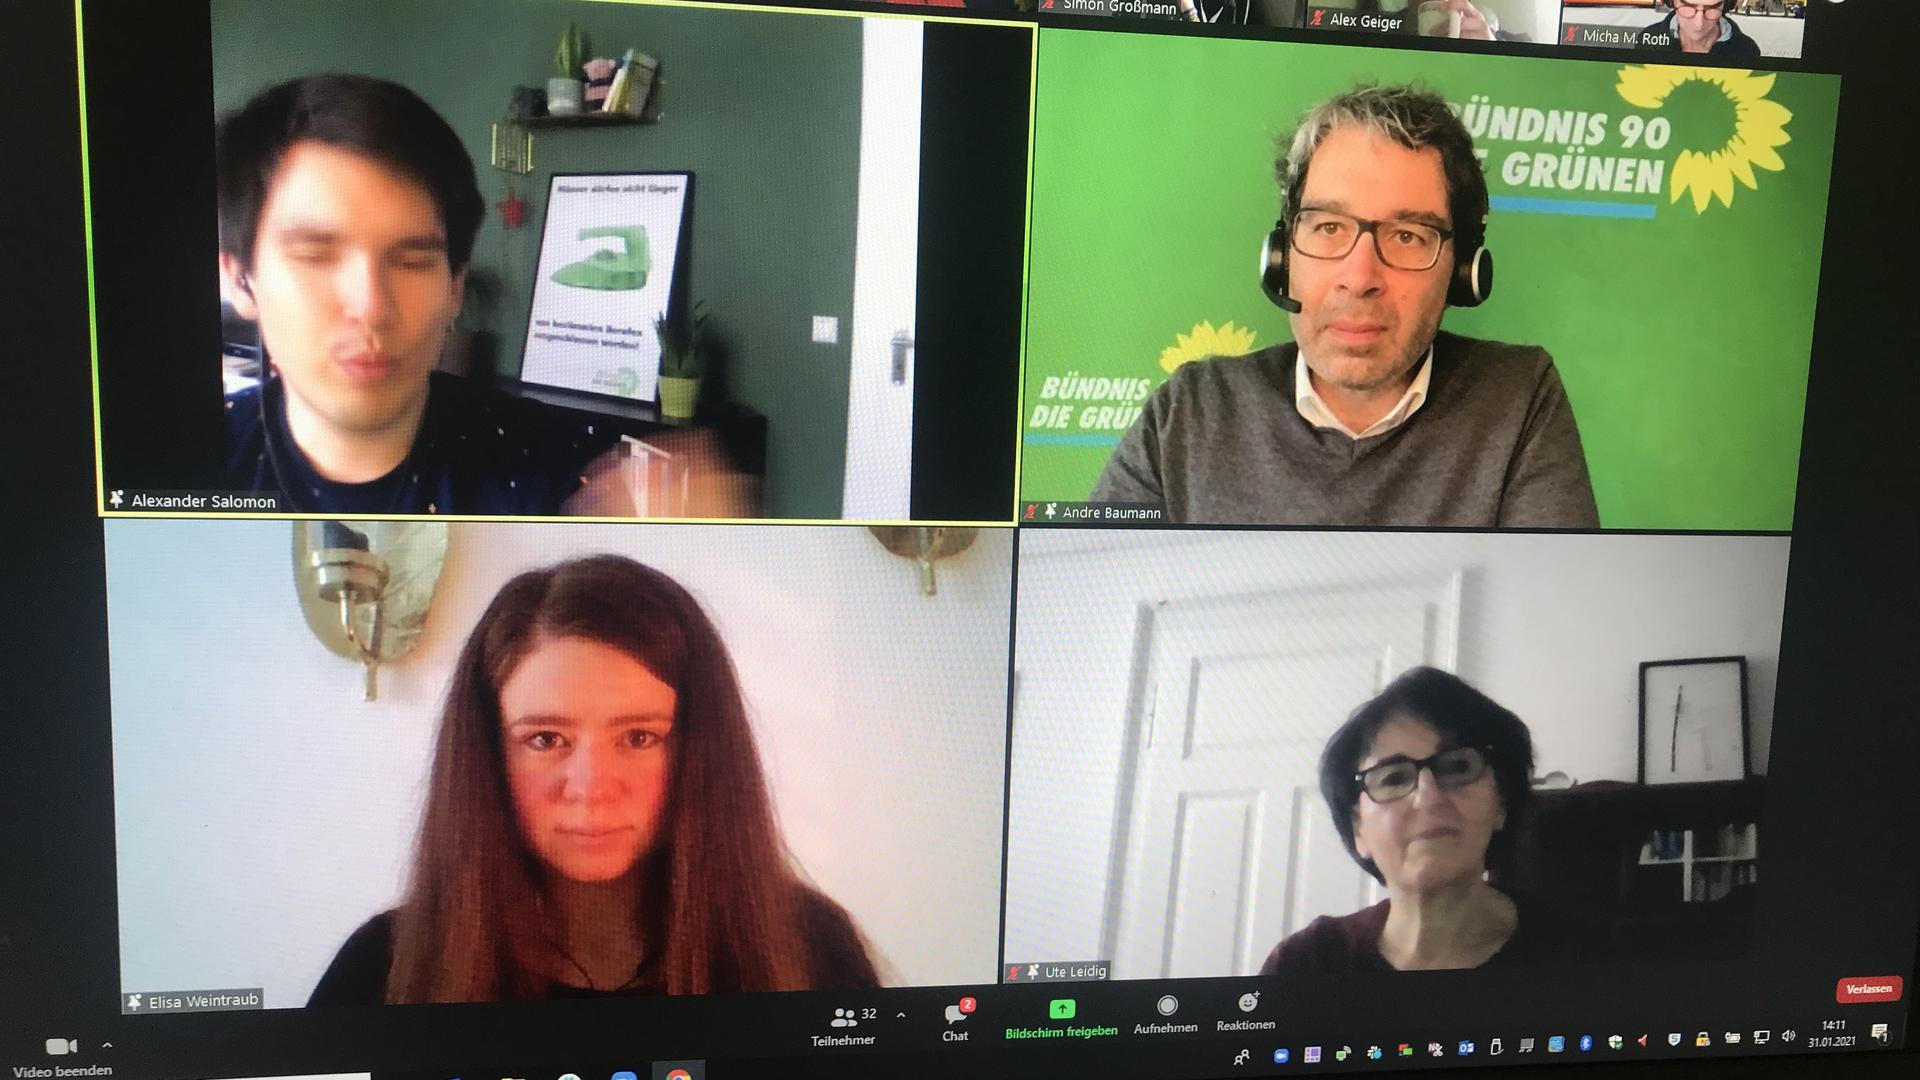 Online: Die Karlsruher Kandidaten der Grünen, Ute Leidig (unten rechts) und Alexander Salomon (oben links) diskutierten mit Andre Baumann (oben rechts).